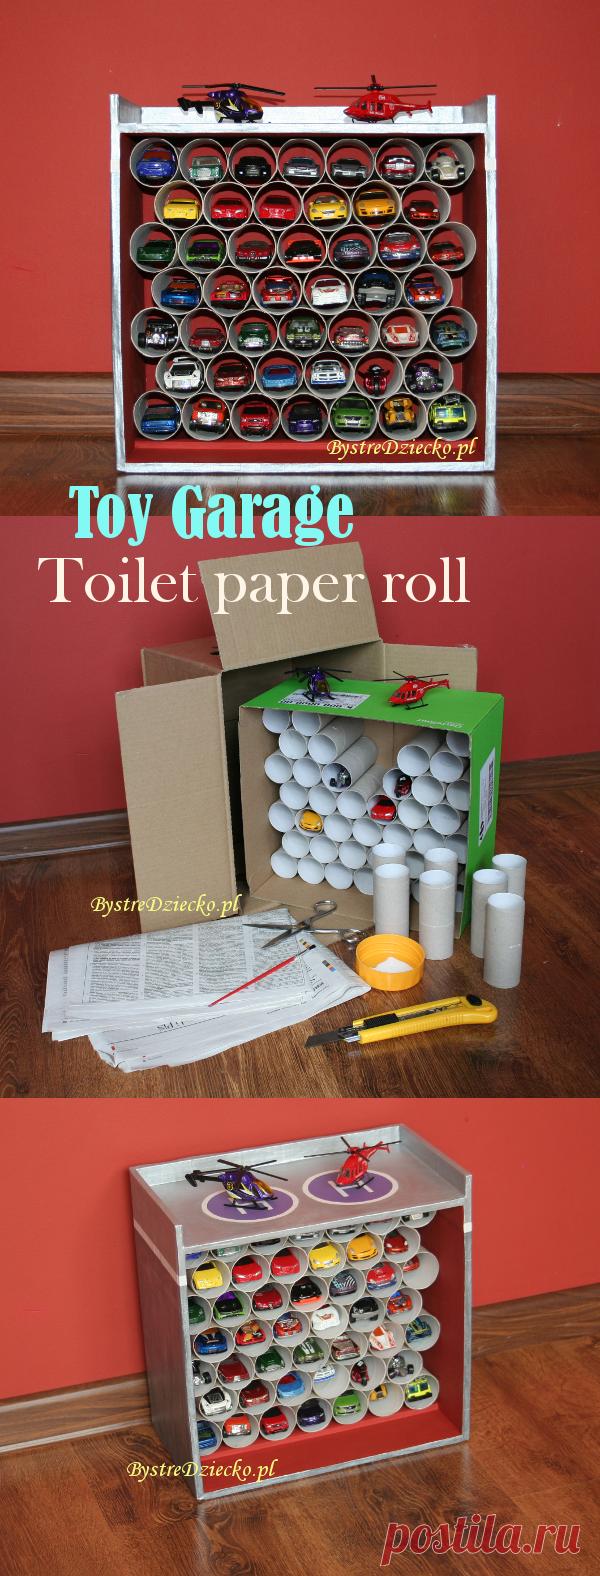 Автомобиль гараж изготовлен из рулонов туалетной бумаги и картонных коробок «Bystre Dziecko